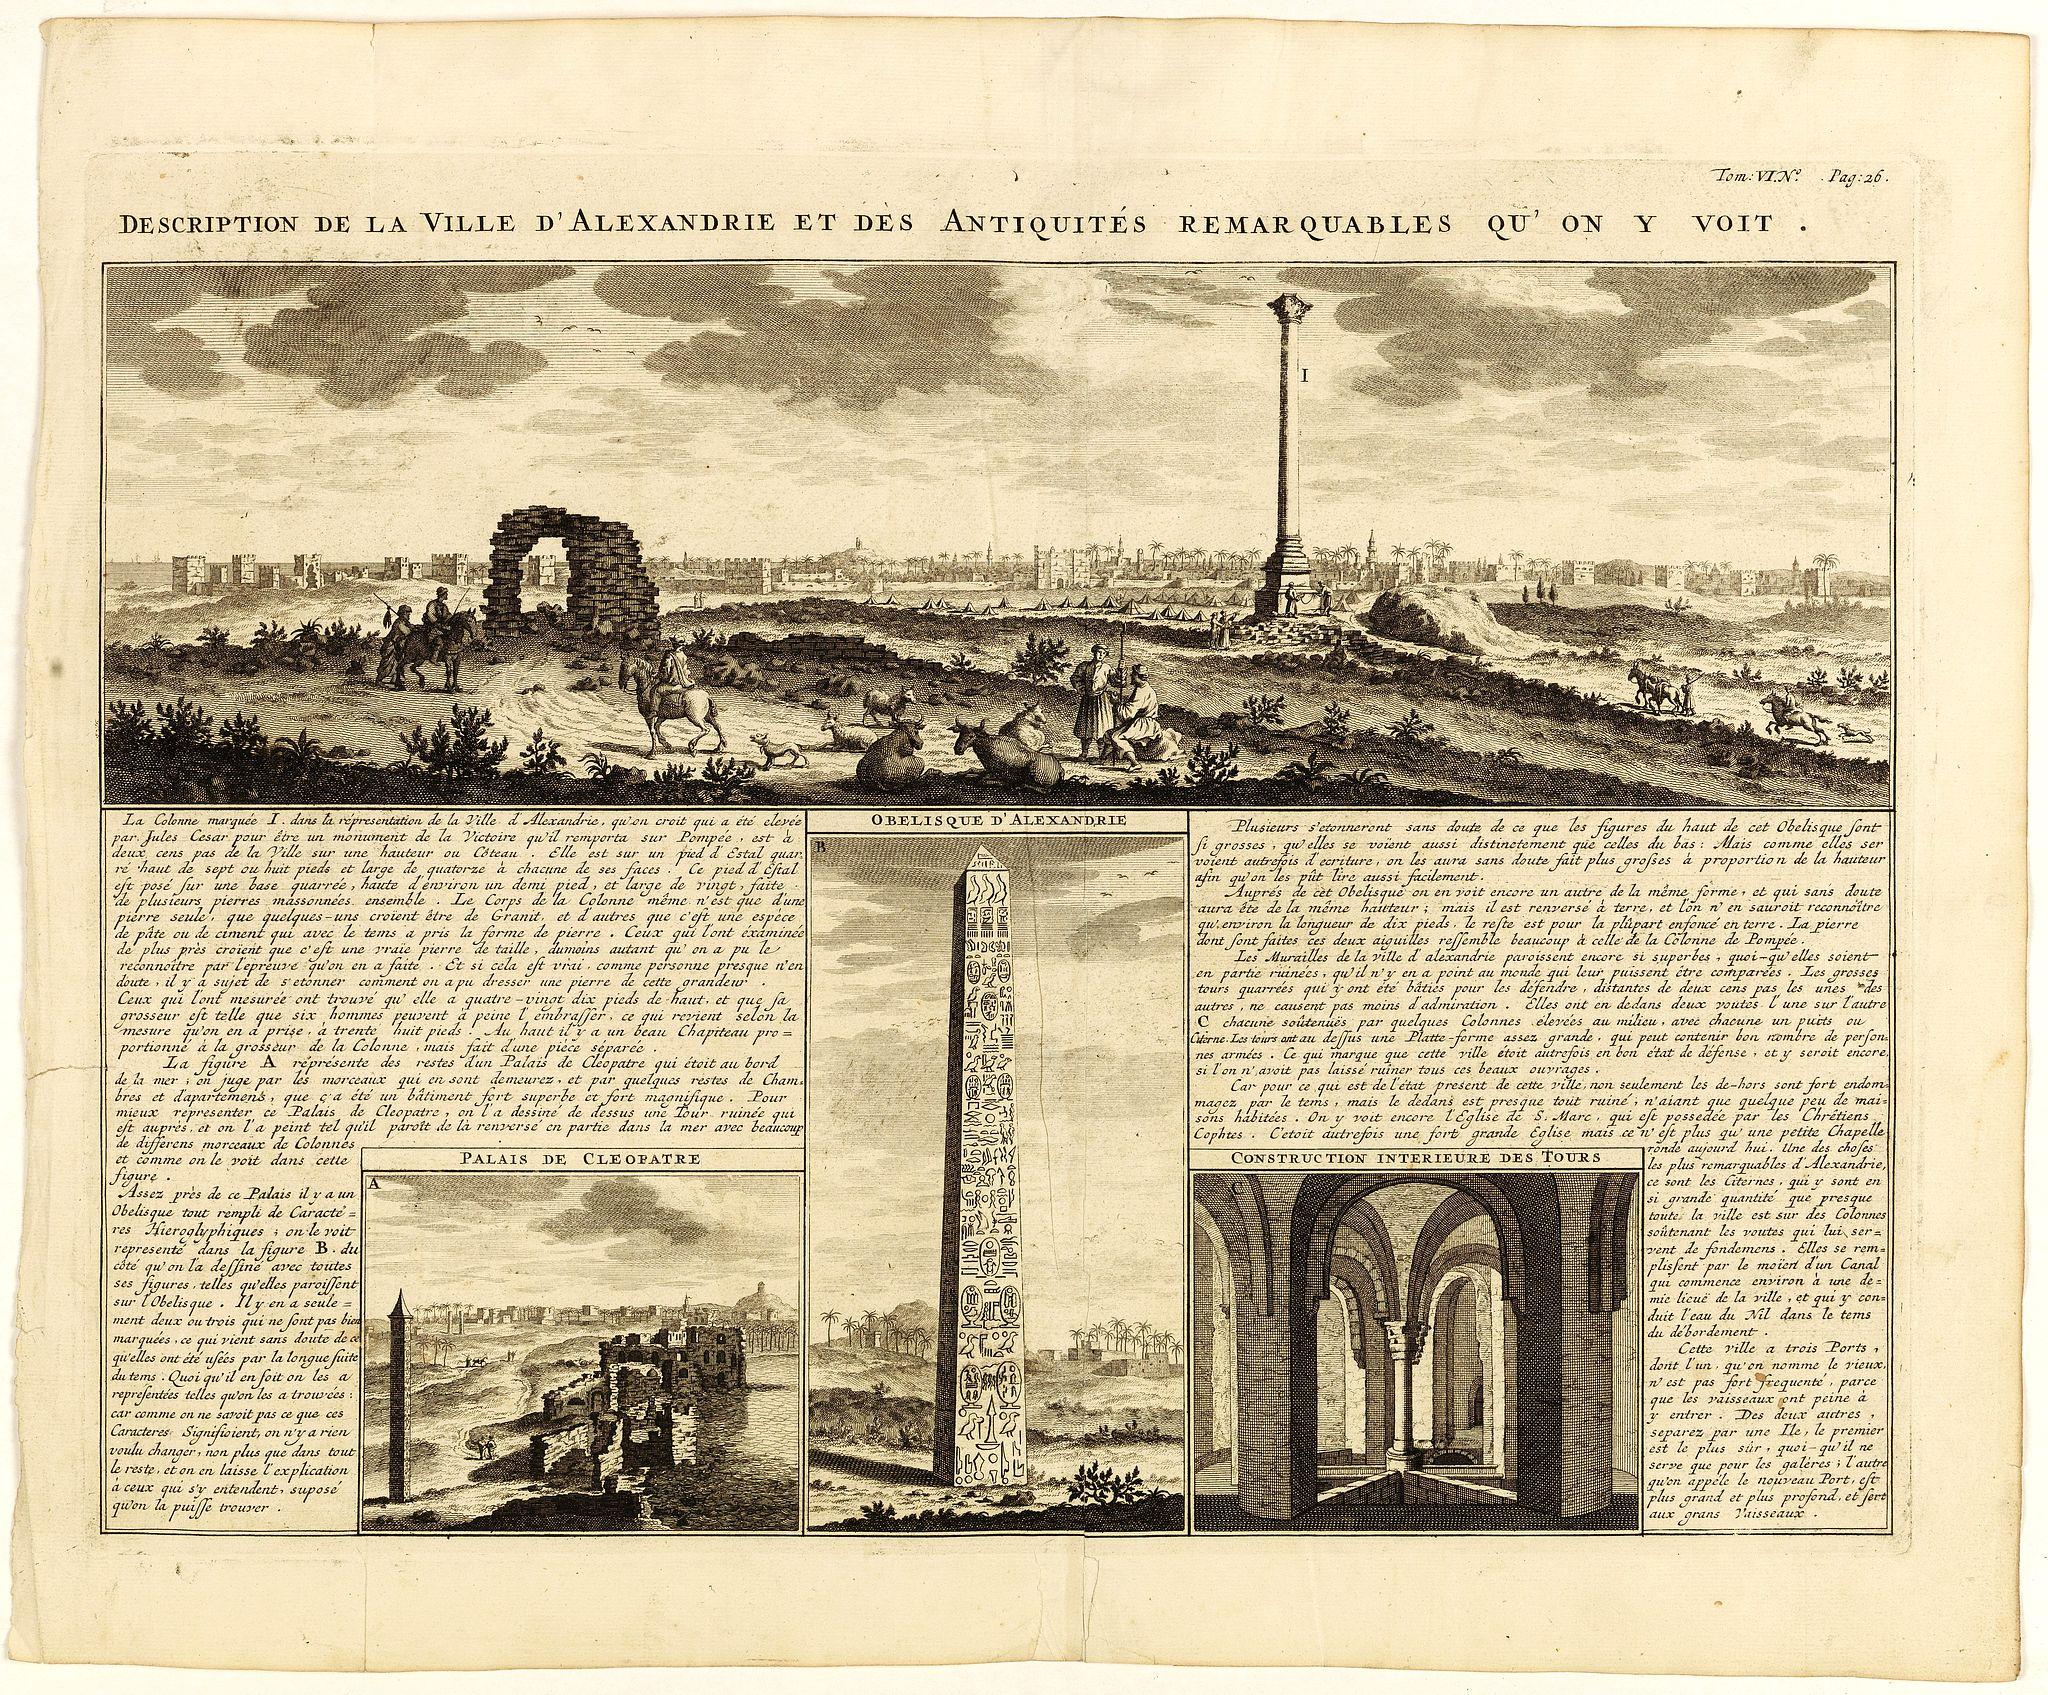 CHATELAIN, H. -  Description de la Ville d'Alexandrie et des Antiquites Remarquables qu'on y voit.